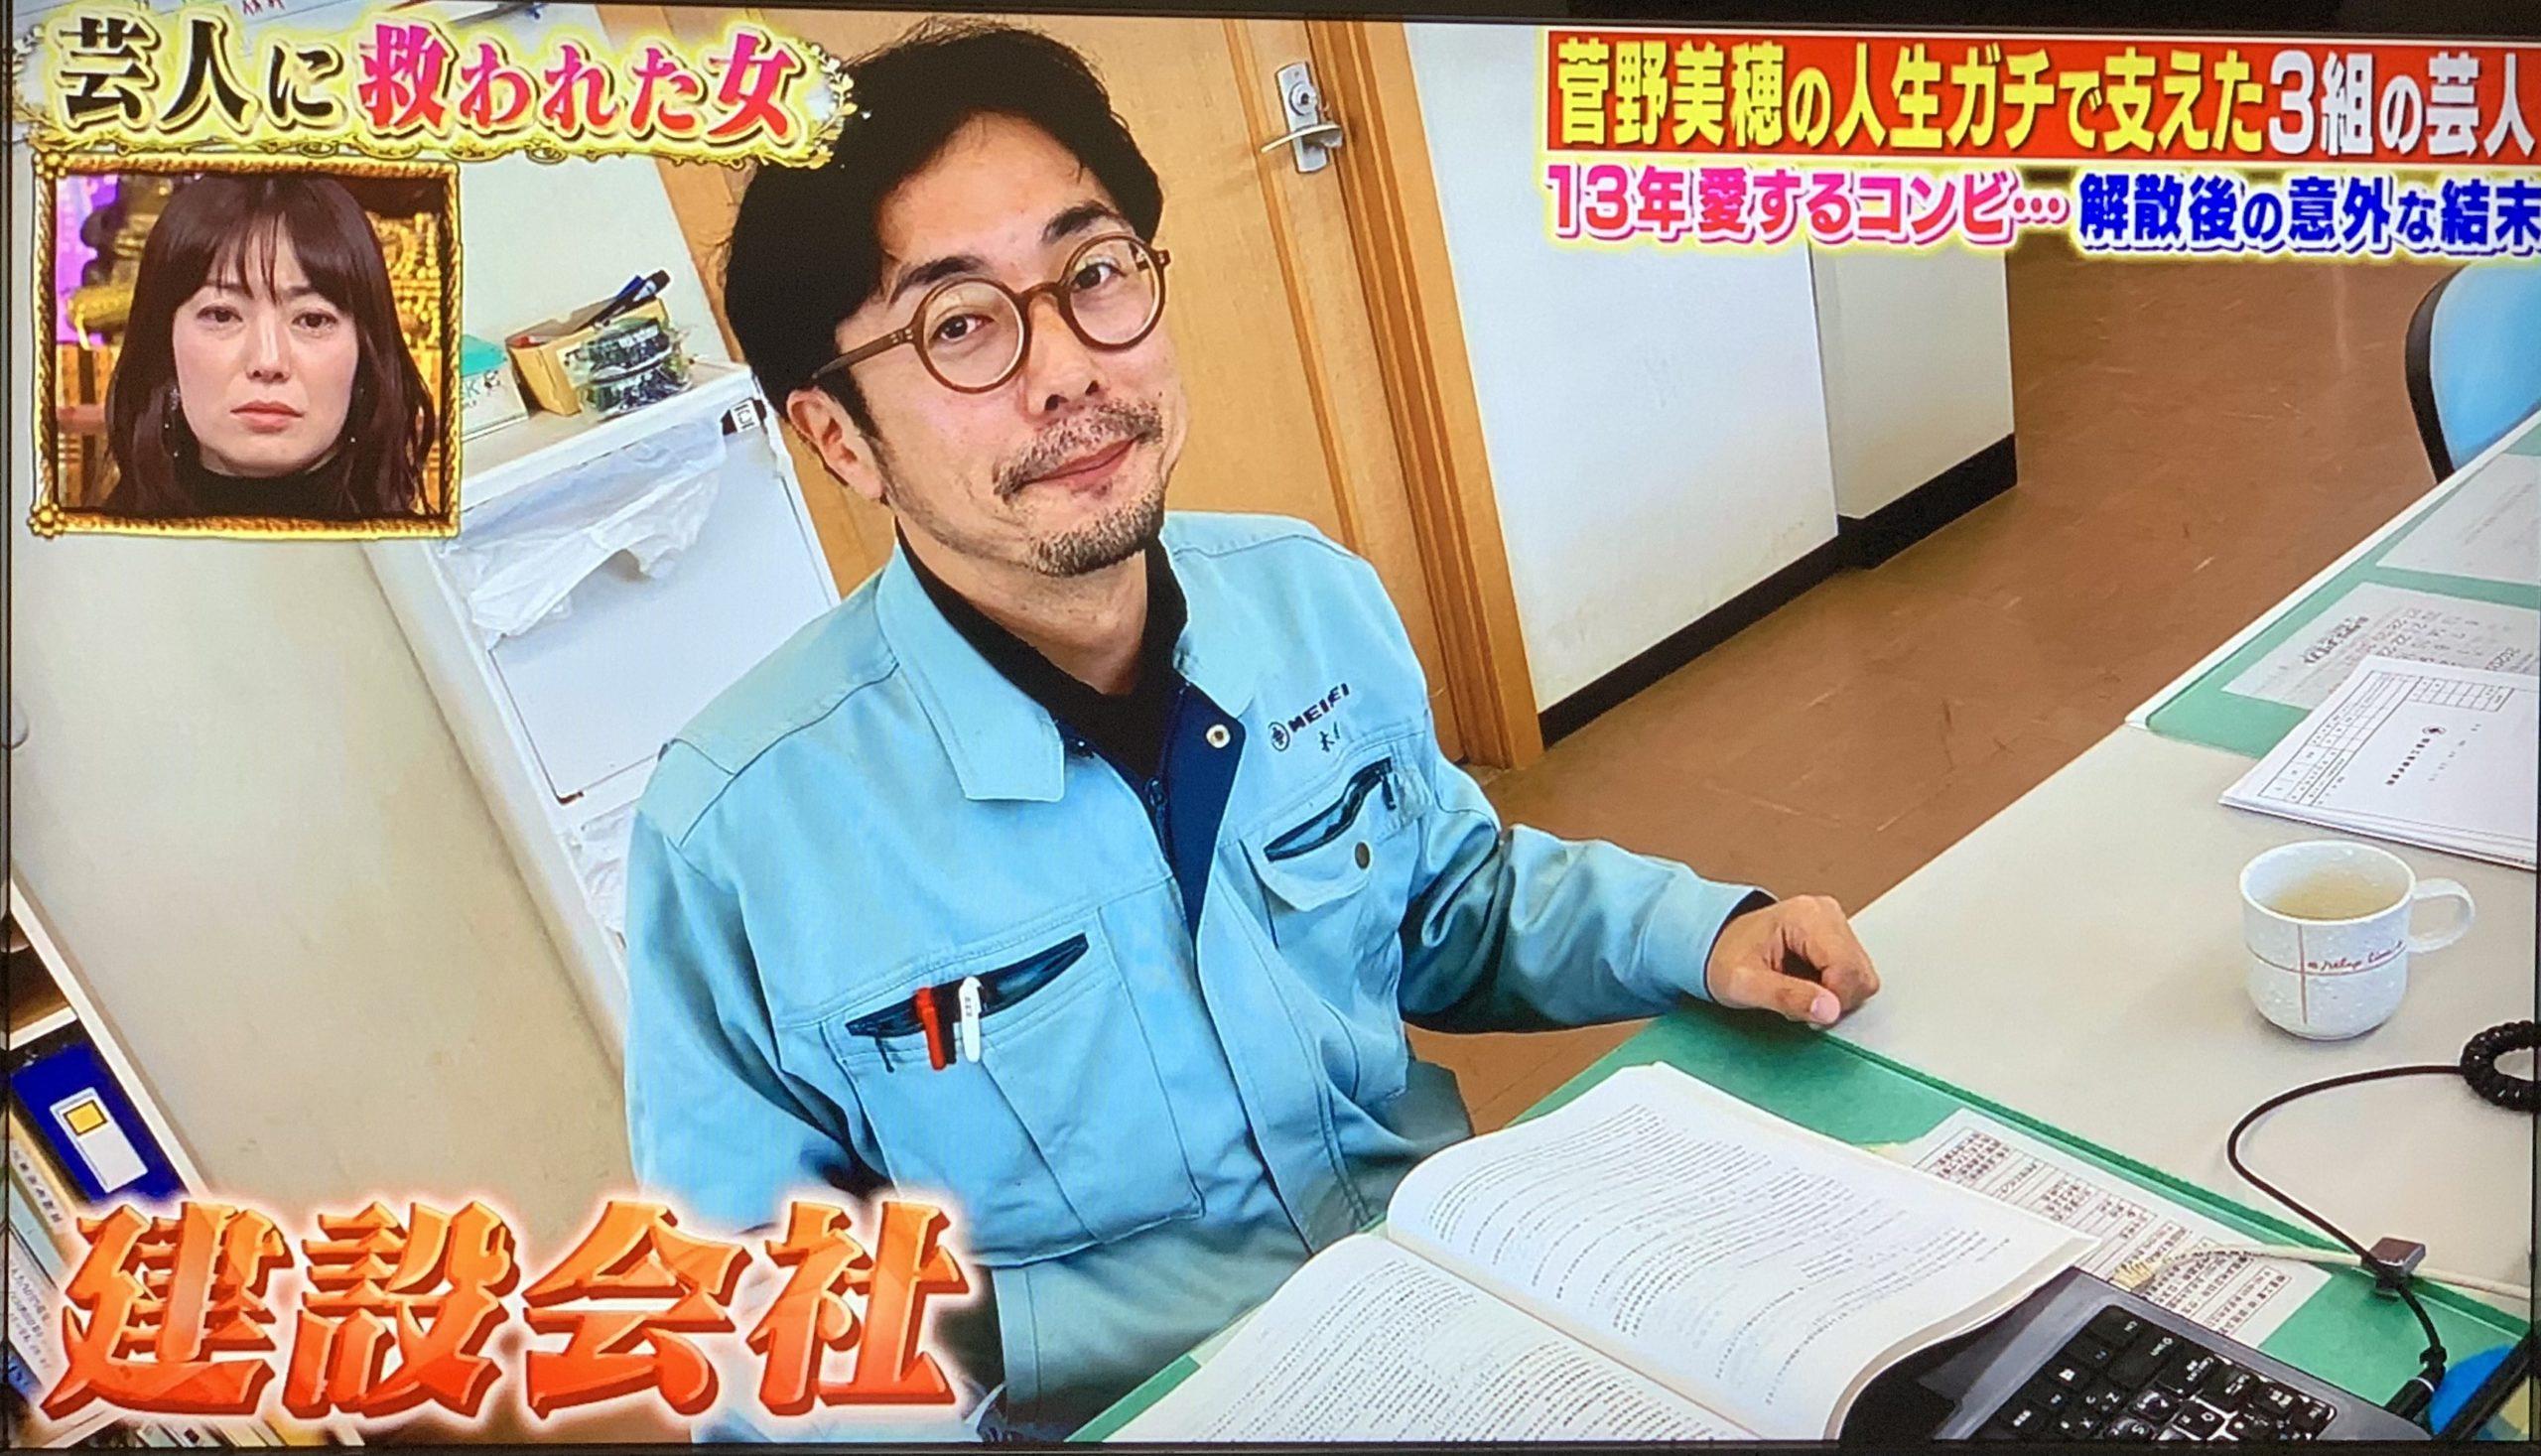 木村耕介は建設会社に就職